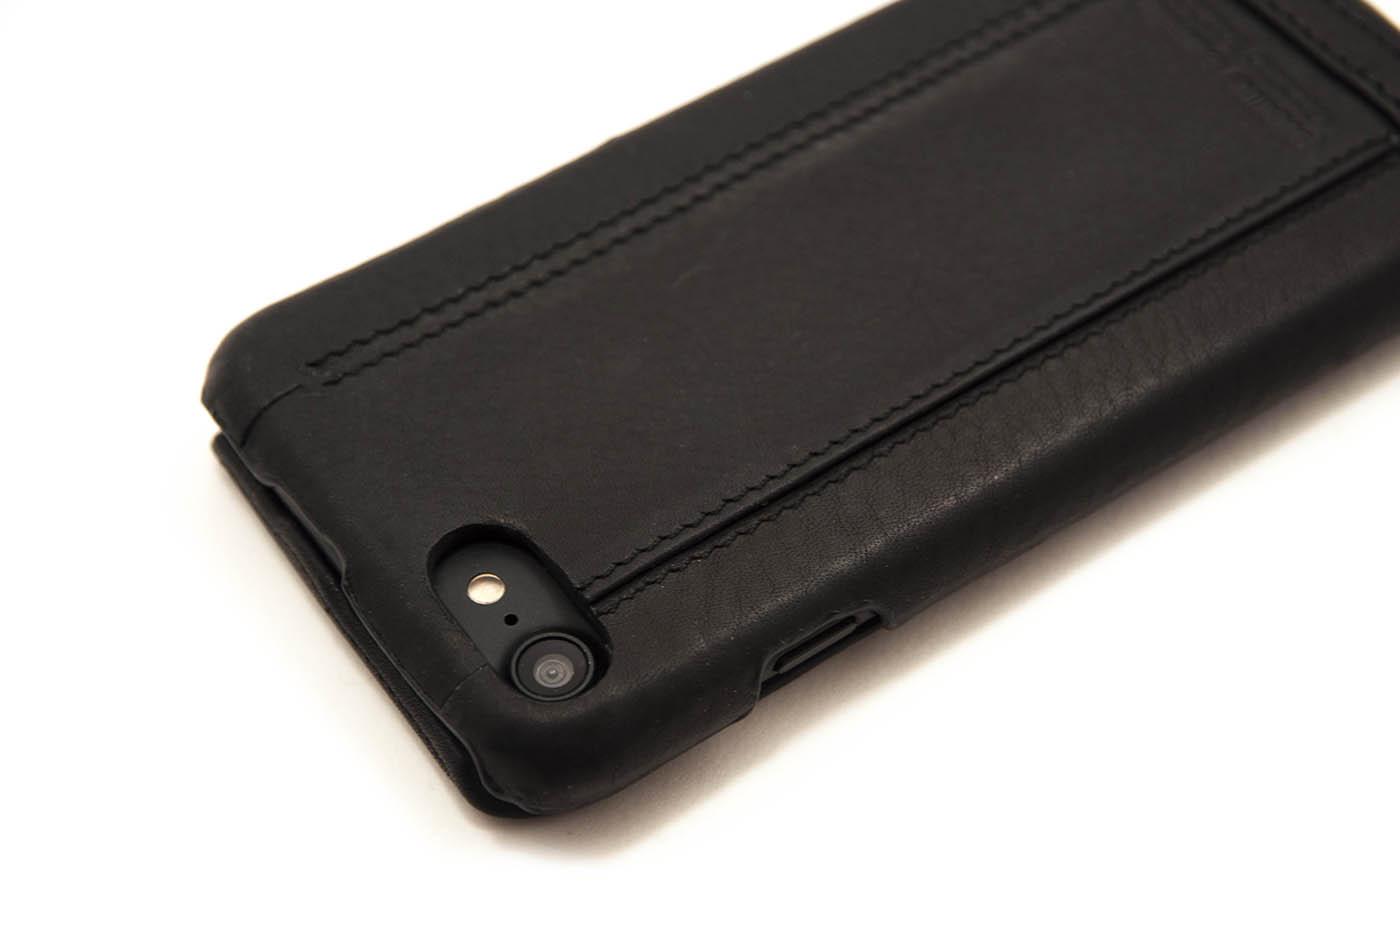 Чехол кожаный Pierre Cardin flip чёрный для iPhone 7